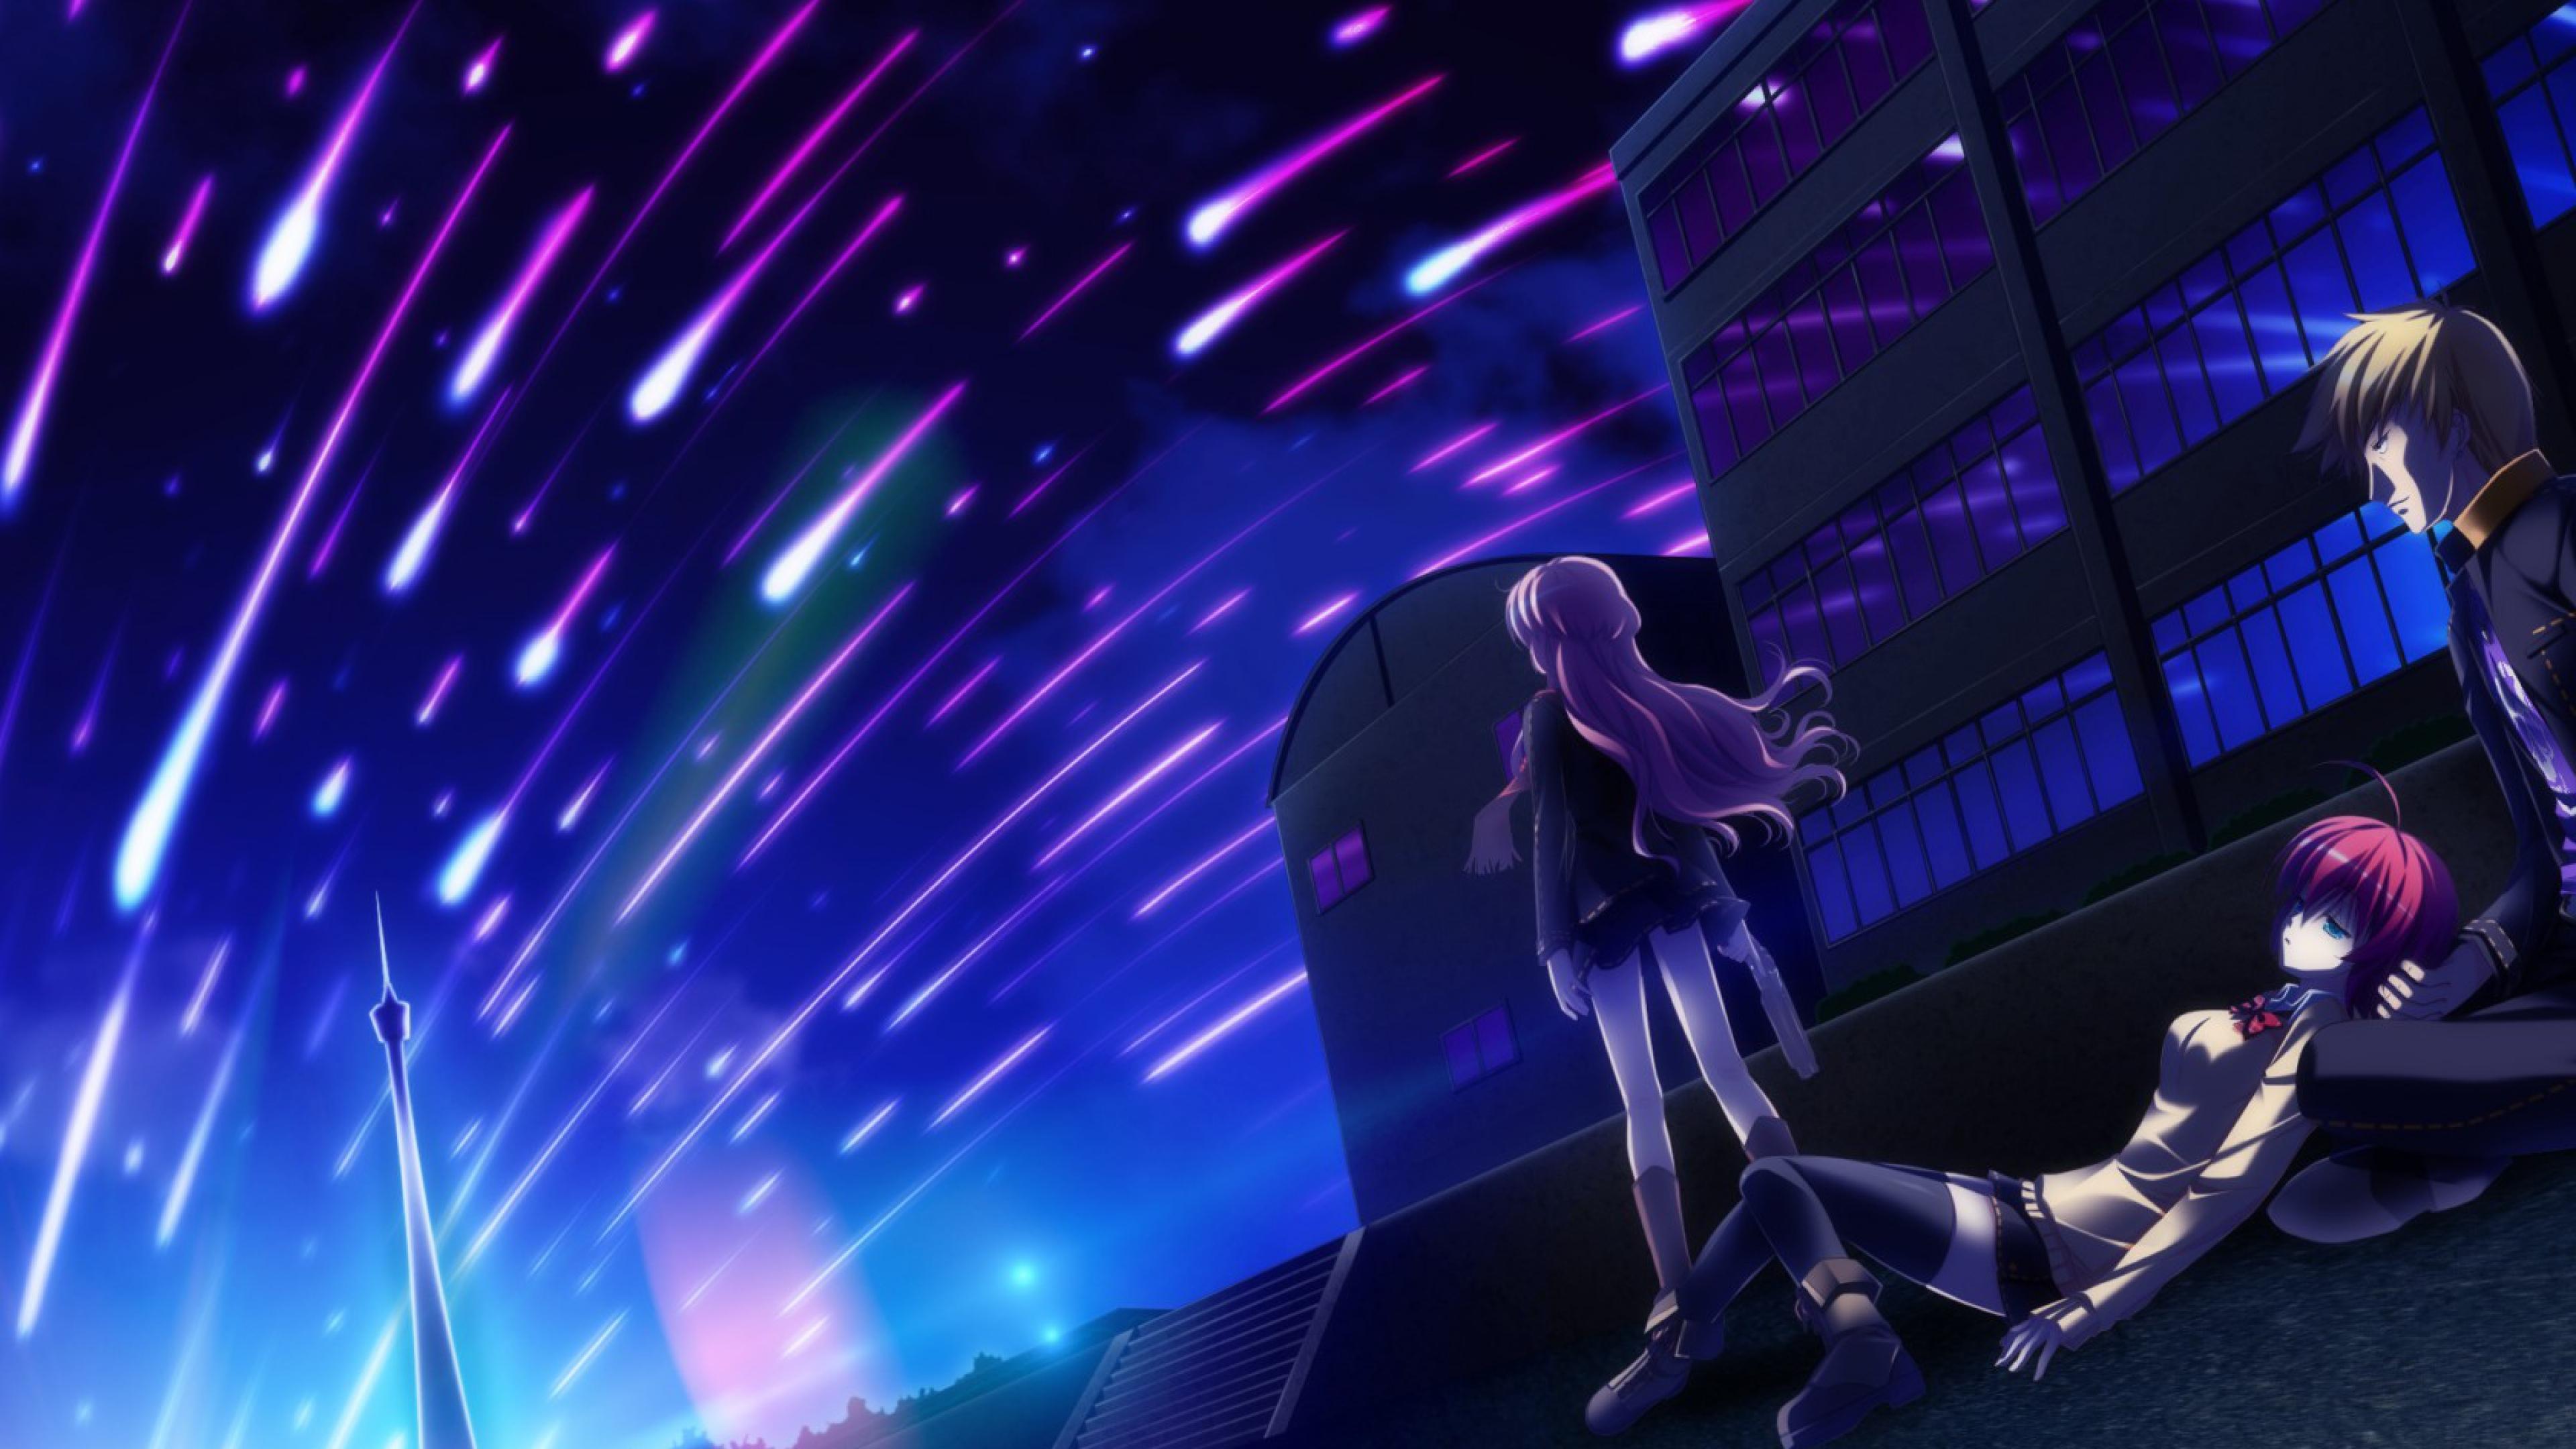 matika maki 1541973541 - Matika Maki - anime wallpapers, anime girl wallpapers, anime boy wallpapers